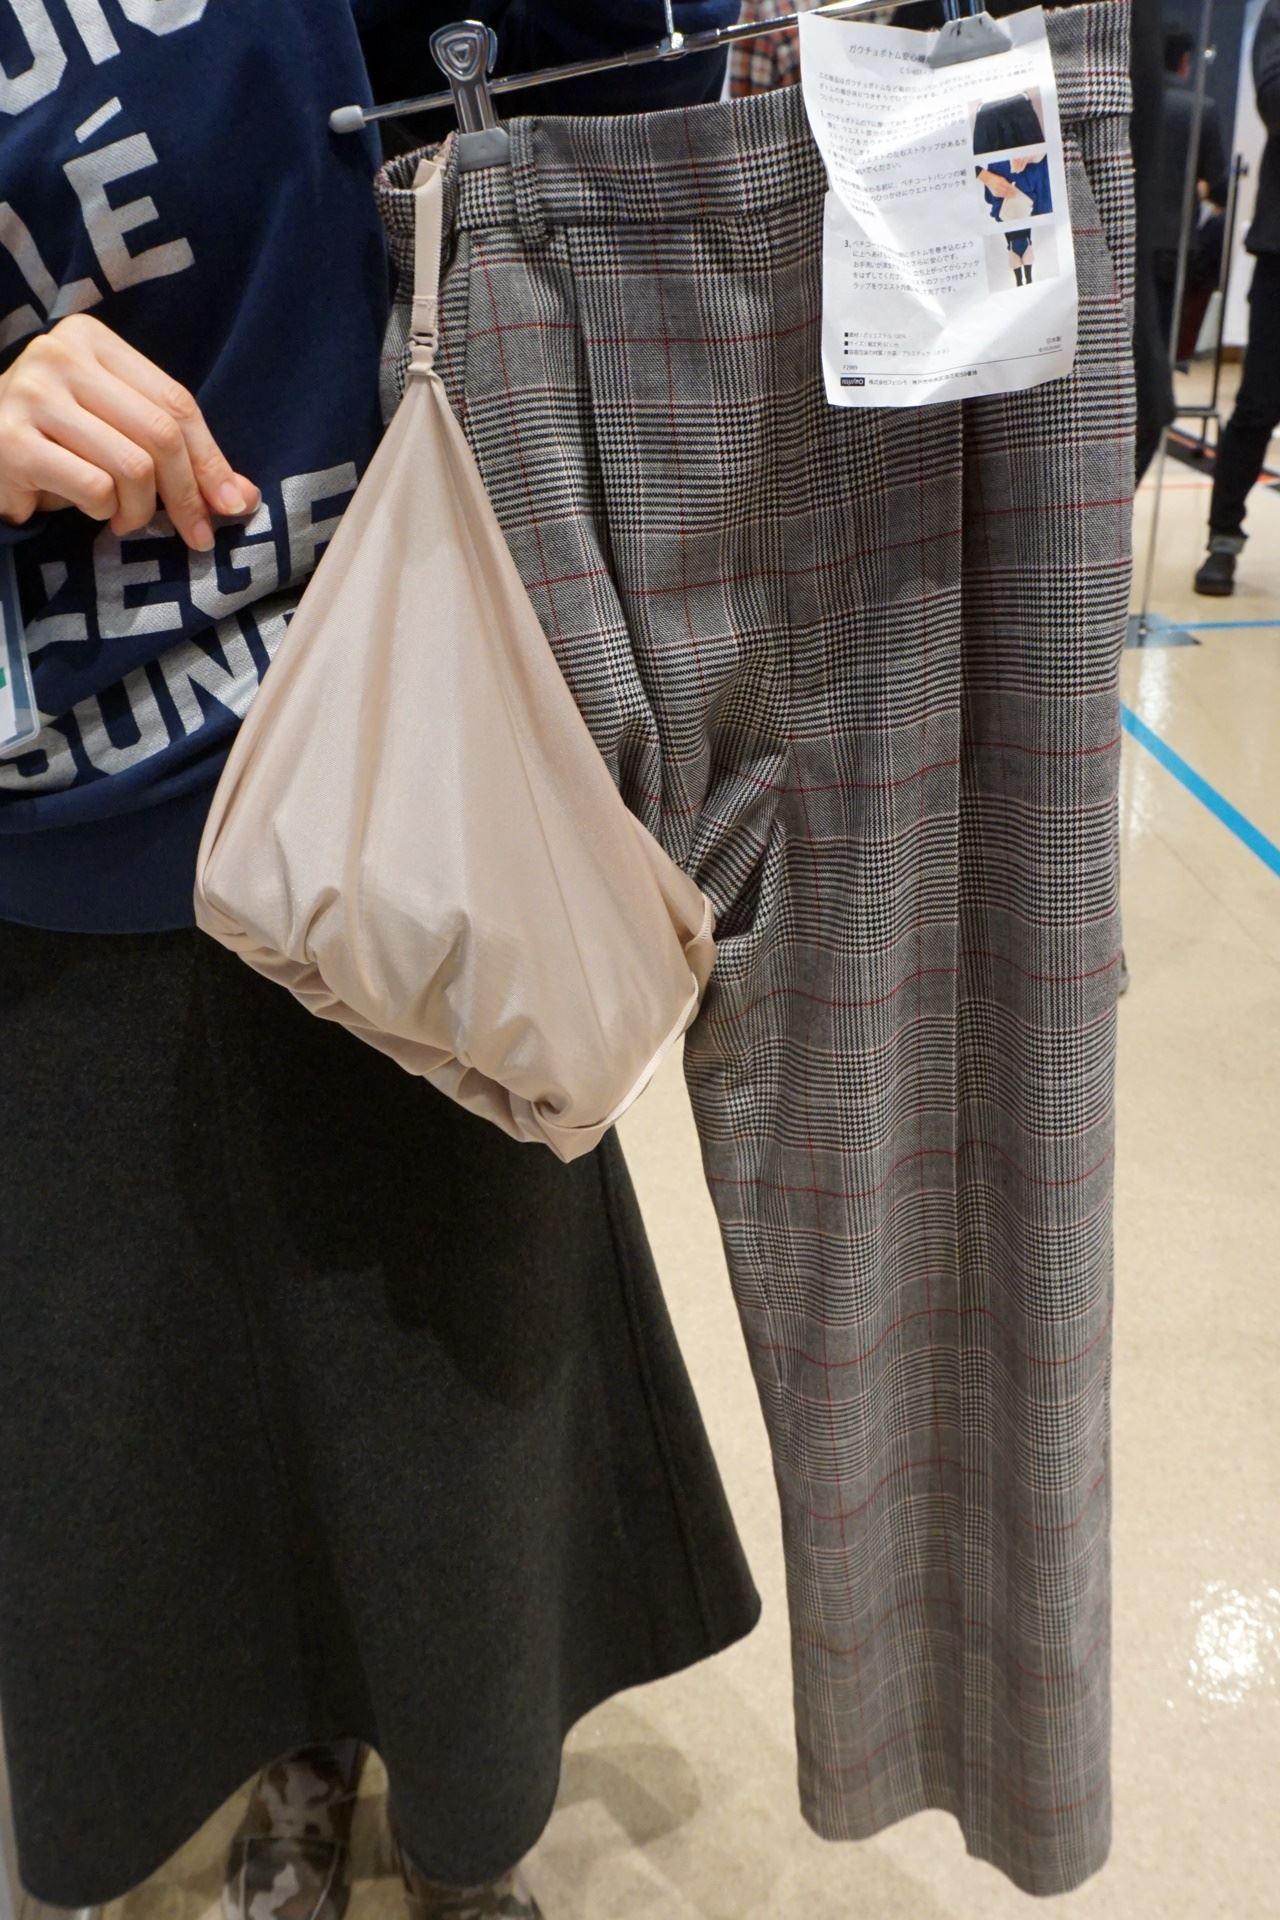 【フェリシモ】ガウチョボトム安心機能付き ペチパンツ